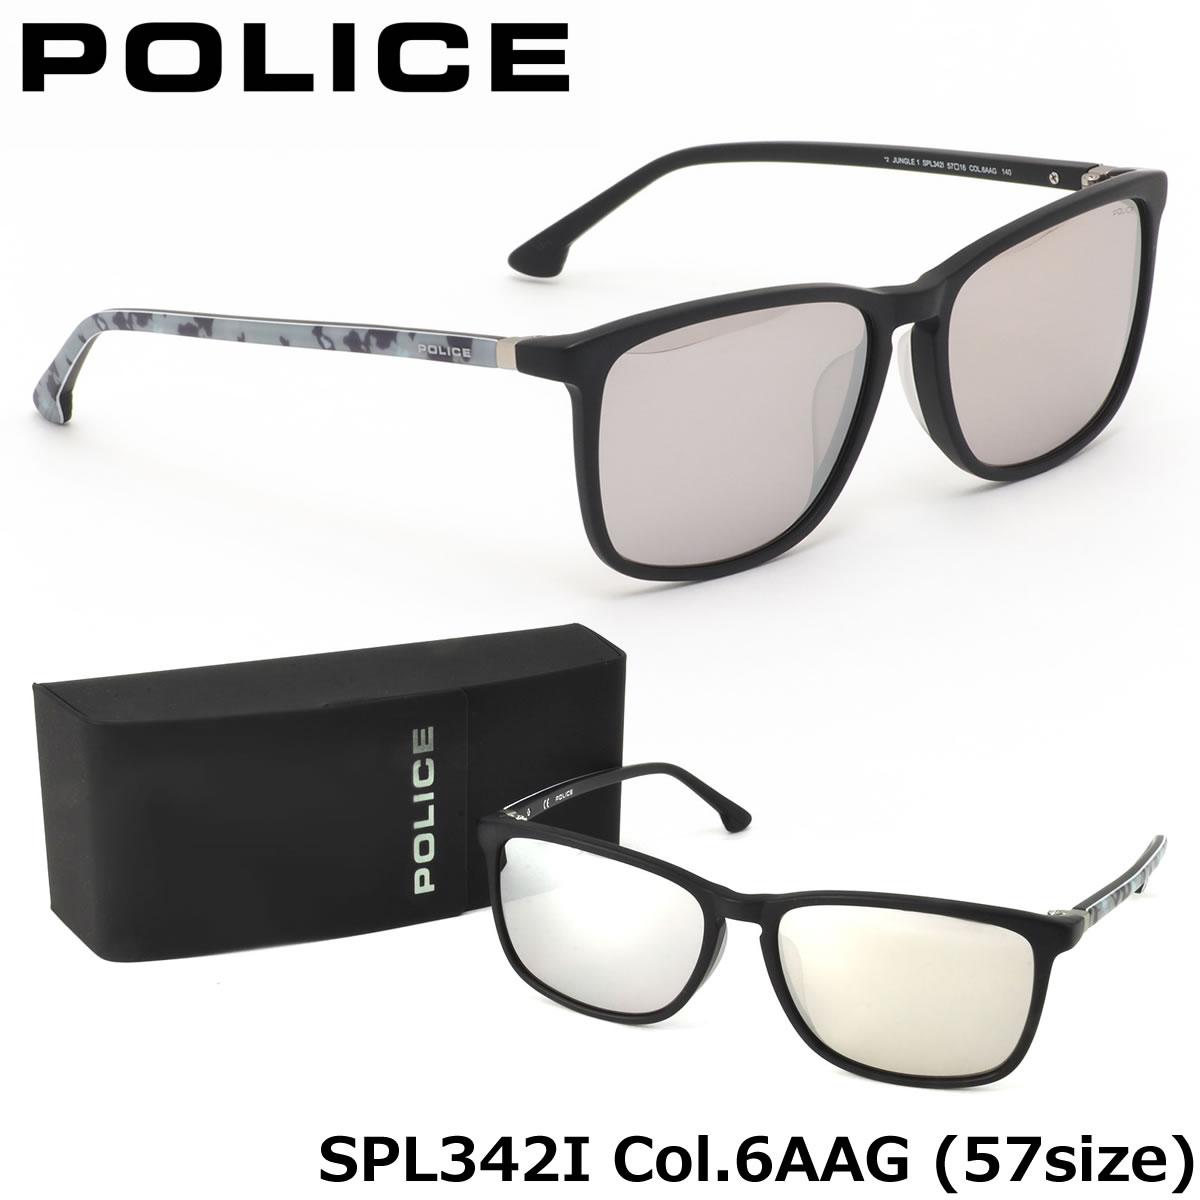 【10月30日からエントリーで全品ポイント20倍】【ポリス】 (POLICE) サングラスSPL342I 6AAG 57サイズJUNGLE1 迷彩 スクエア ミラーPOLICE メンズ レディース